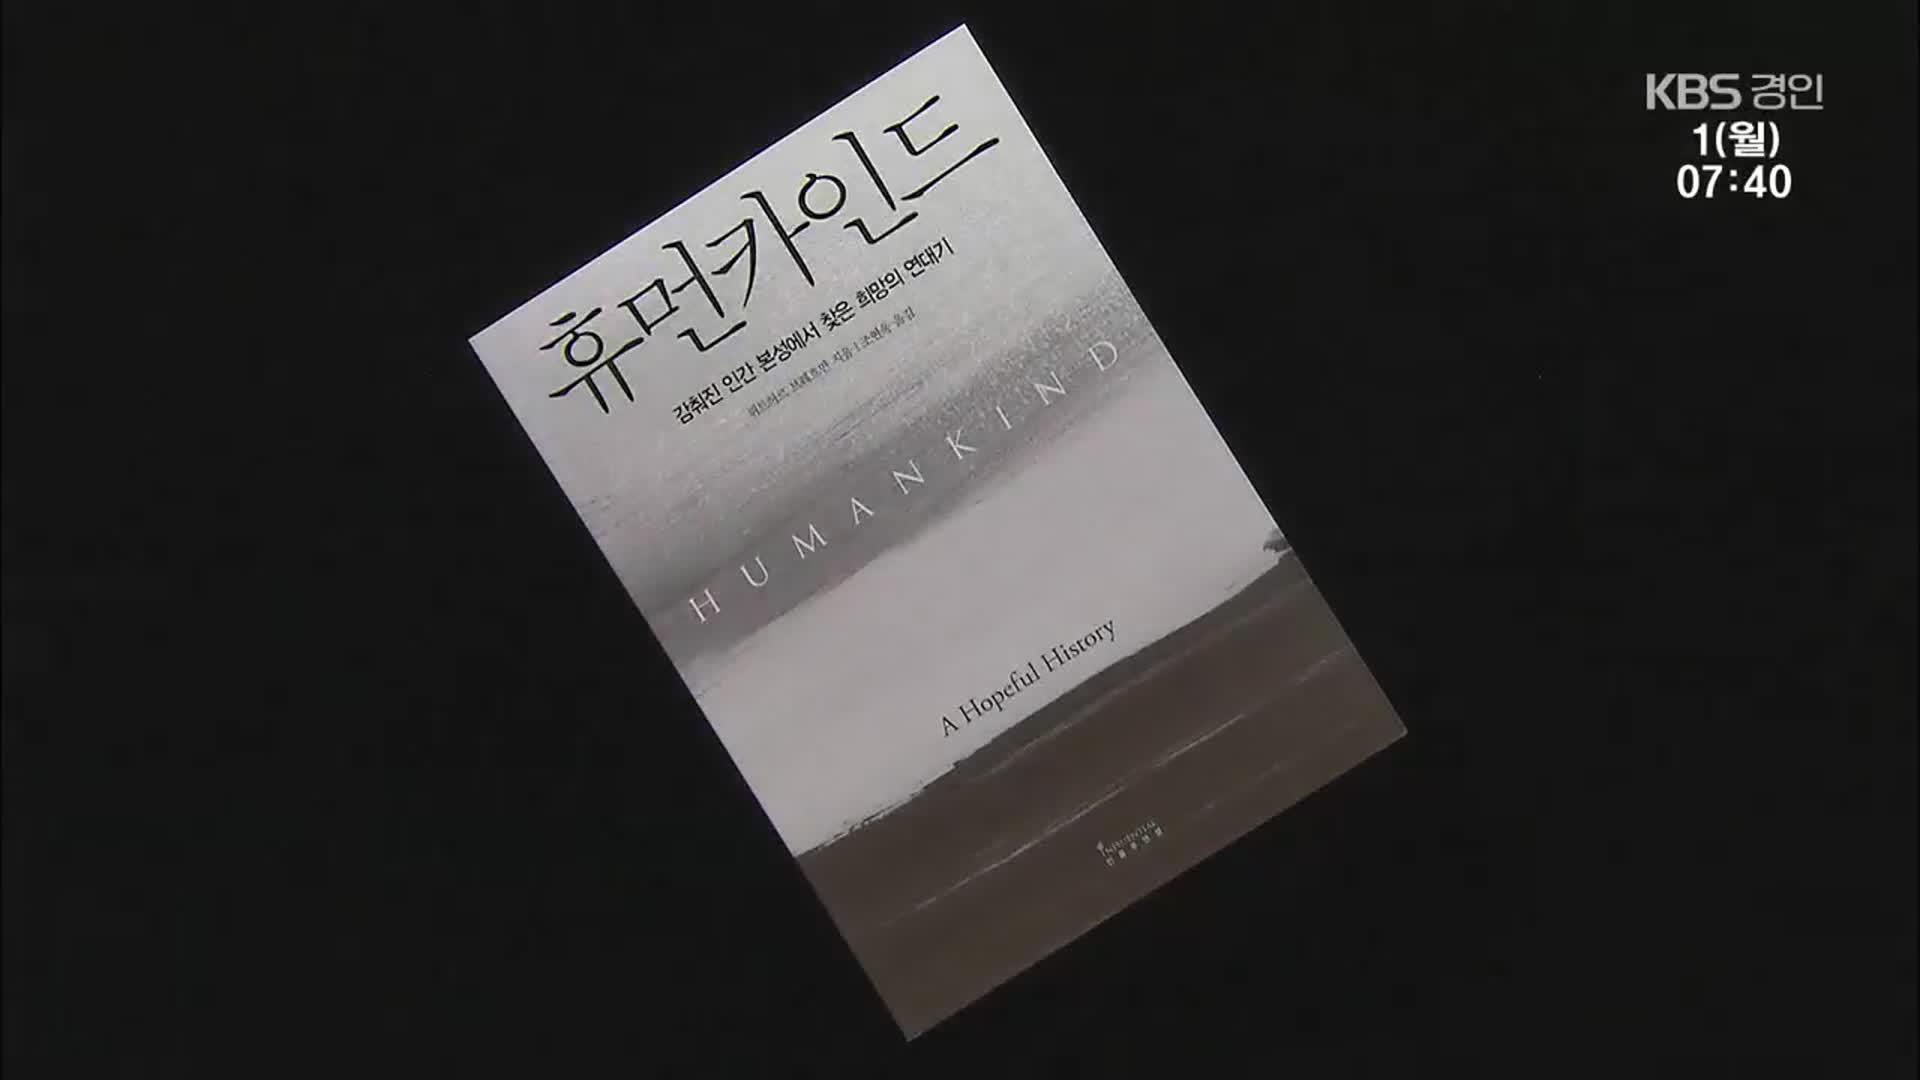 [새로 나온 책] 인간의 본성은 악하고 이기적인가? '휴먼카인드' 외